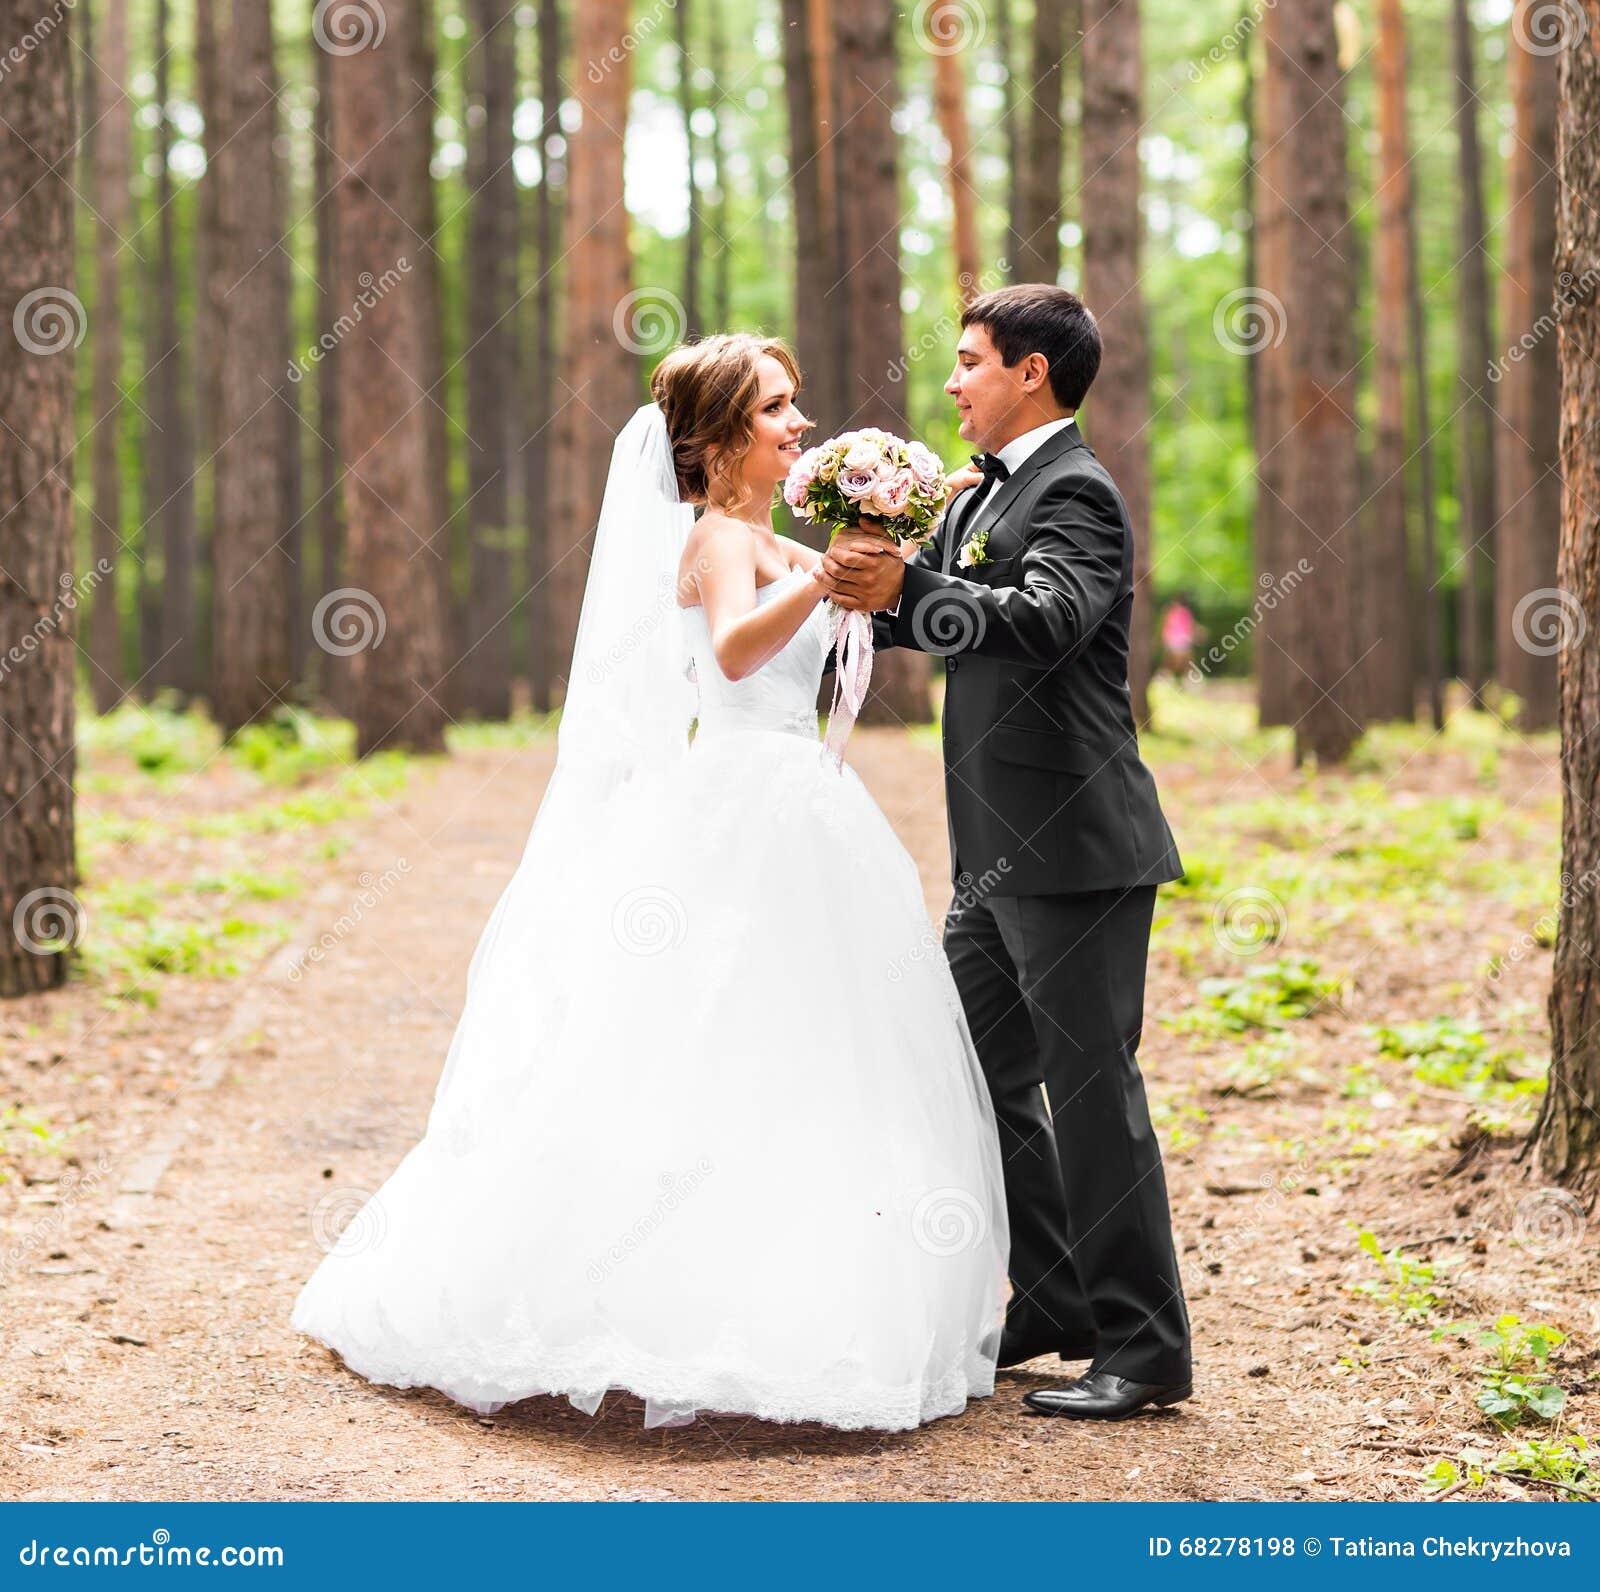 Dance Wedding Couple Stock Photo